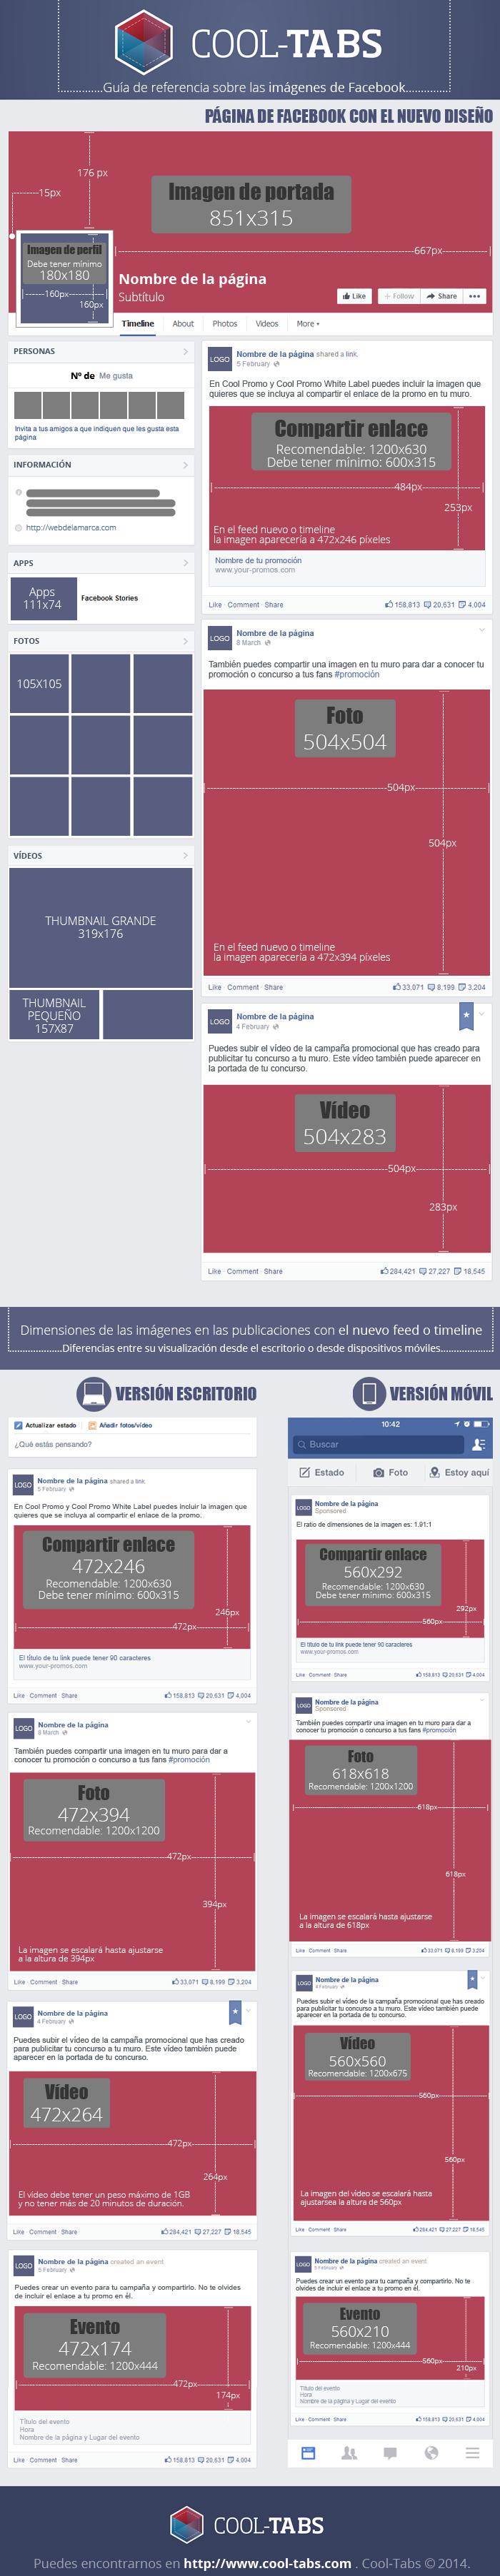 Guía de referencia de las imágenes en Facebook